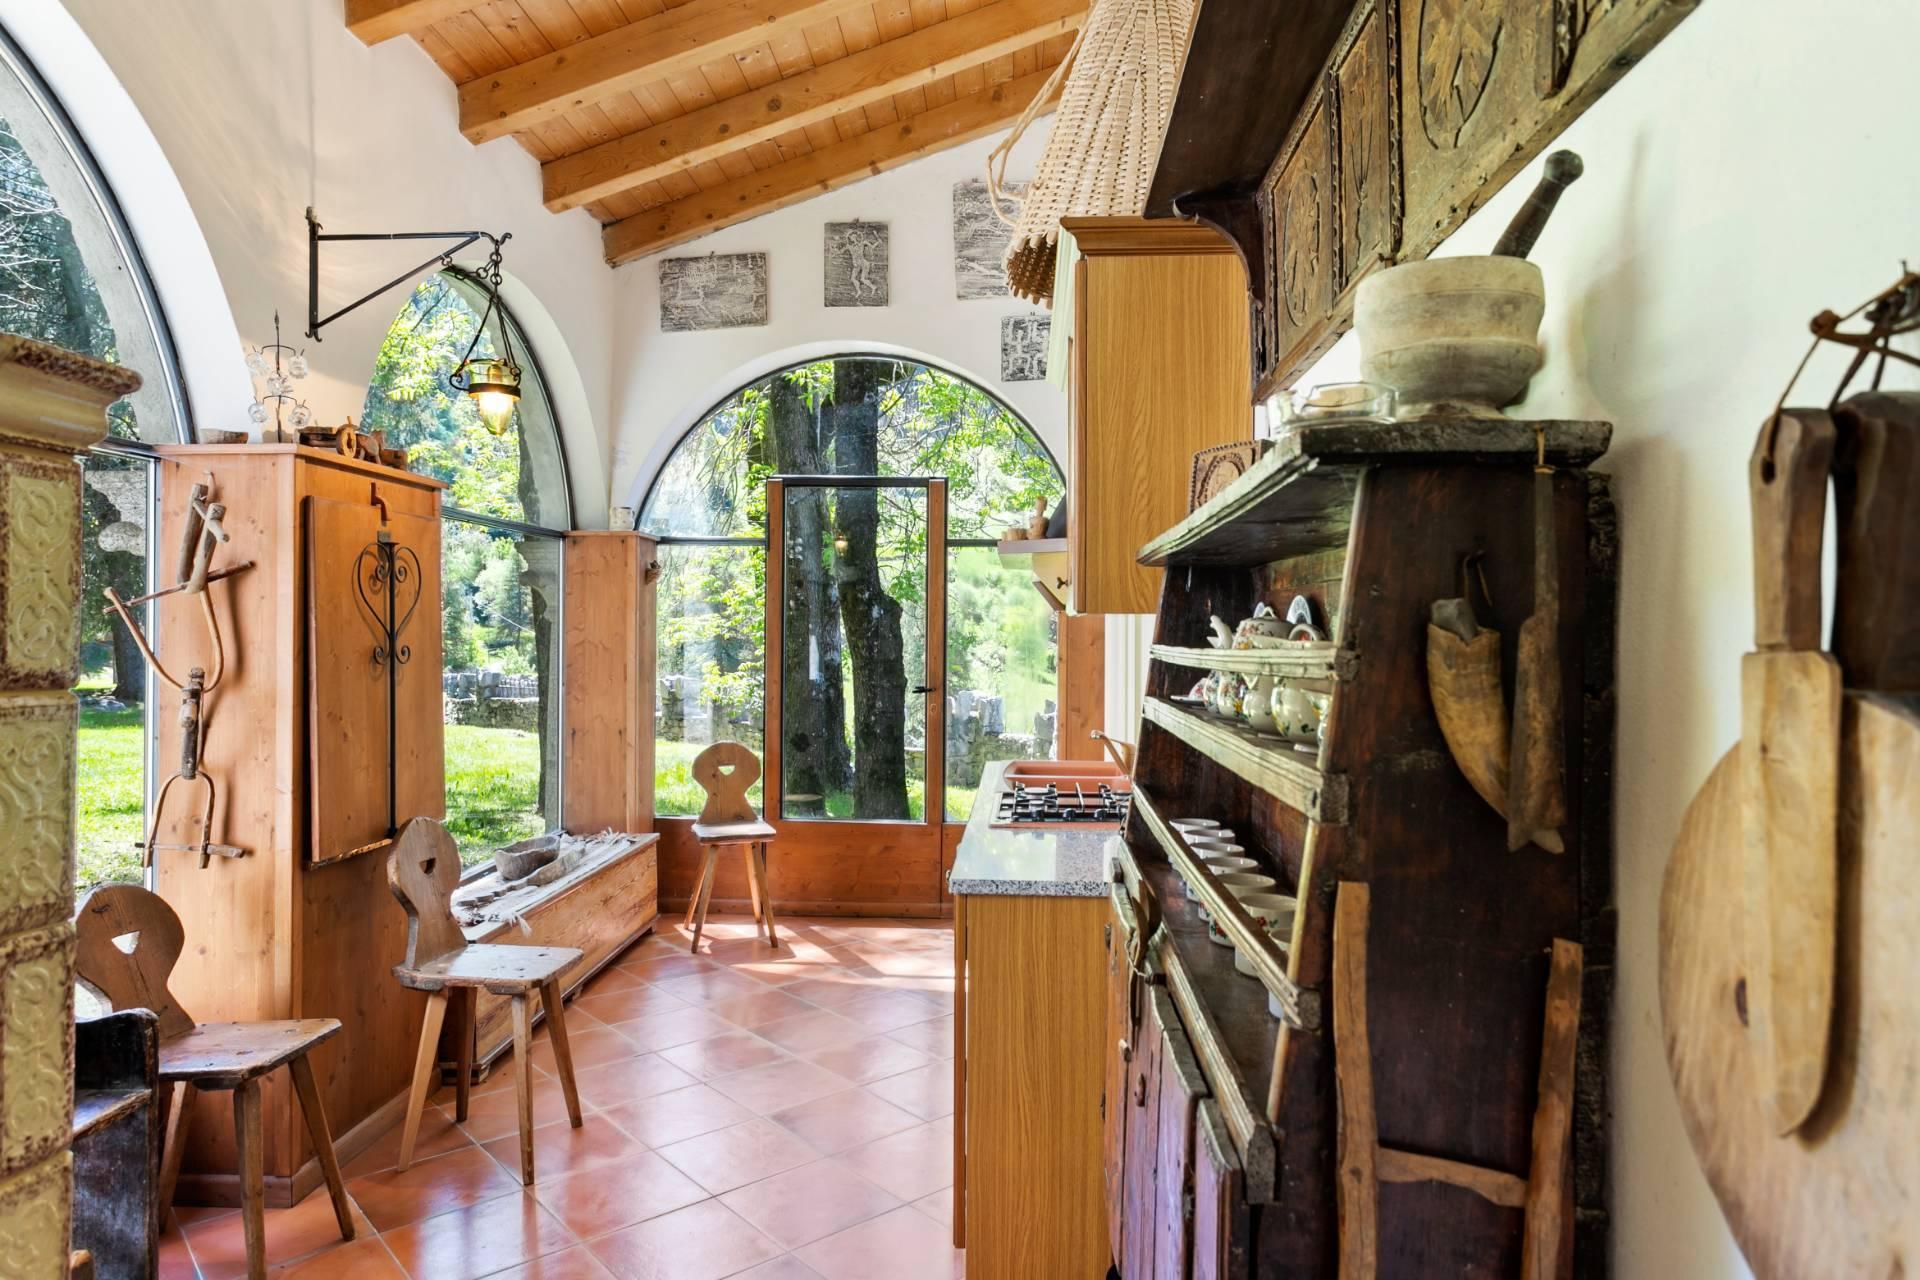 Casa indipendente in Vendita a Ponte Di Legno: 2 locali, 95 mq - Foto 3